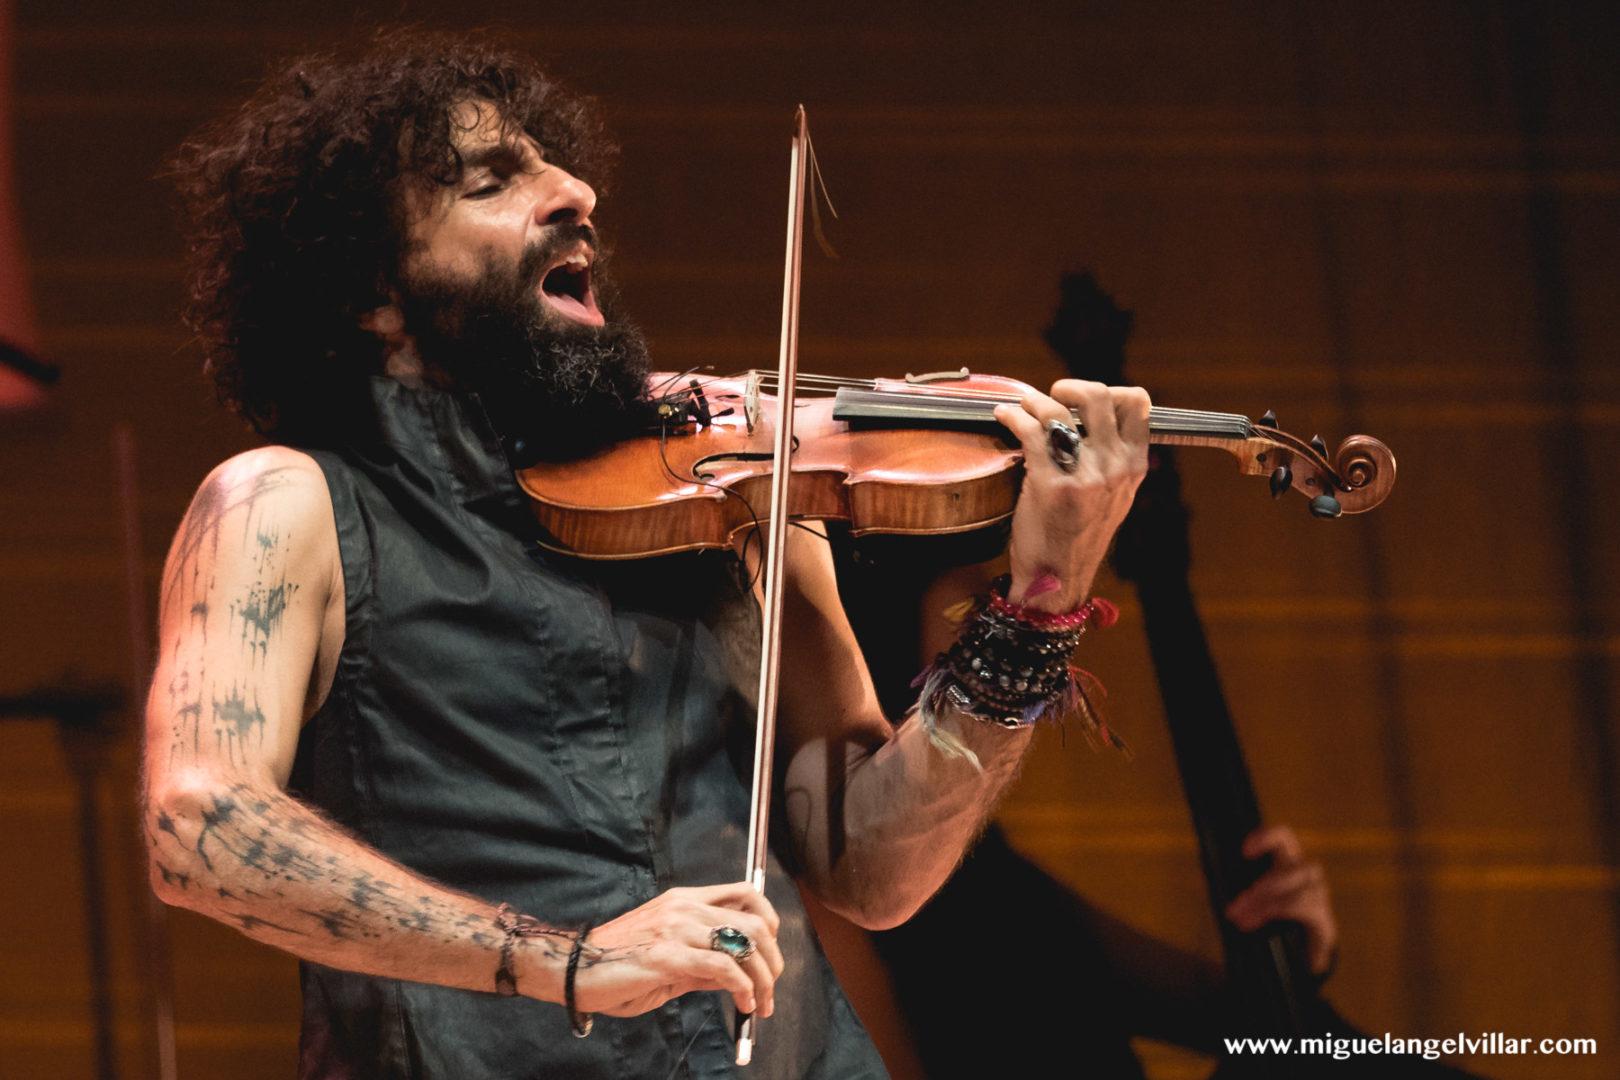 concierto Ara Malikian torrevieja 2016 fotografo